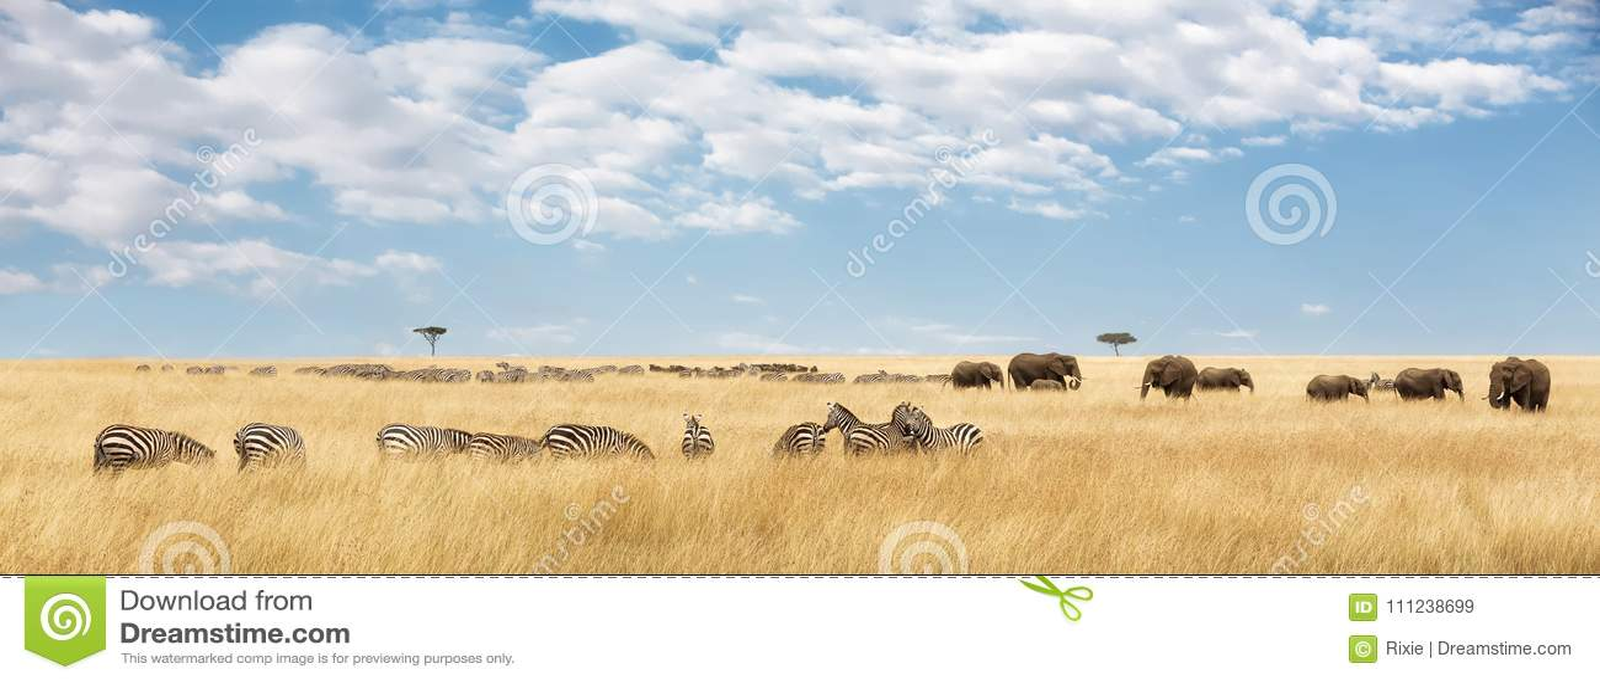 Olifanten en gestreept panorama